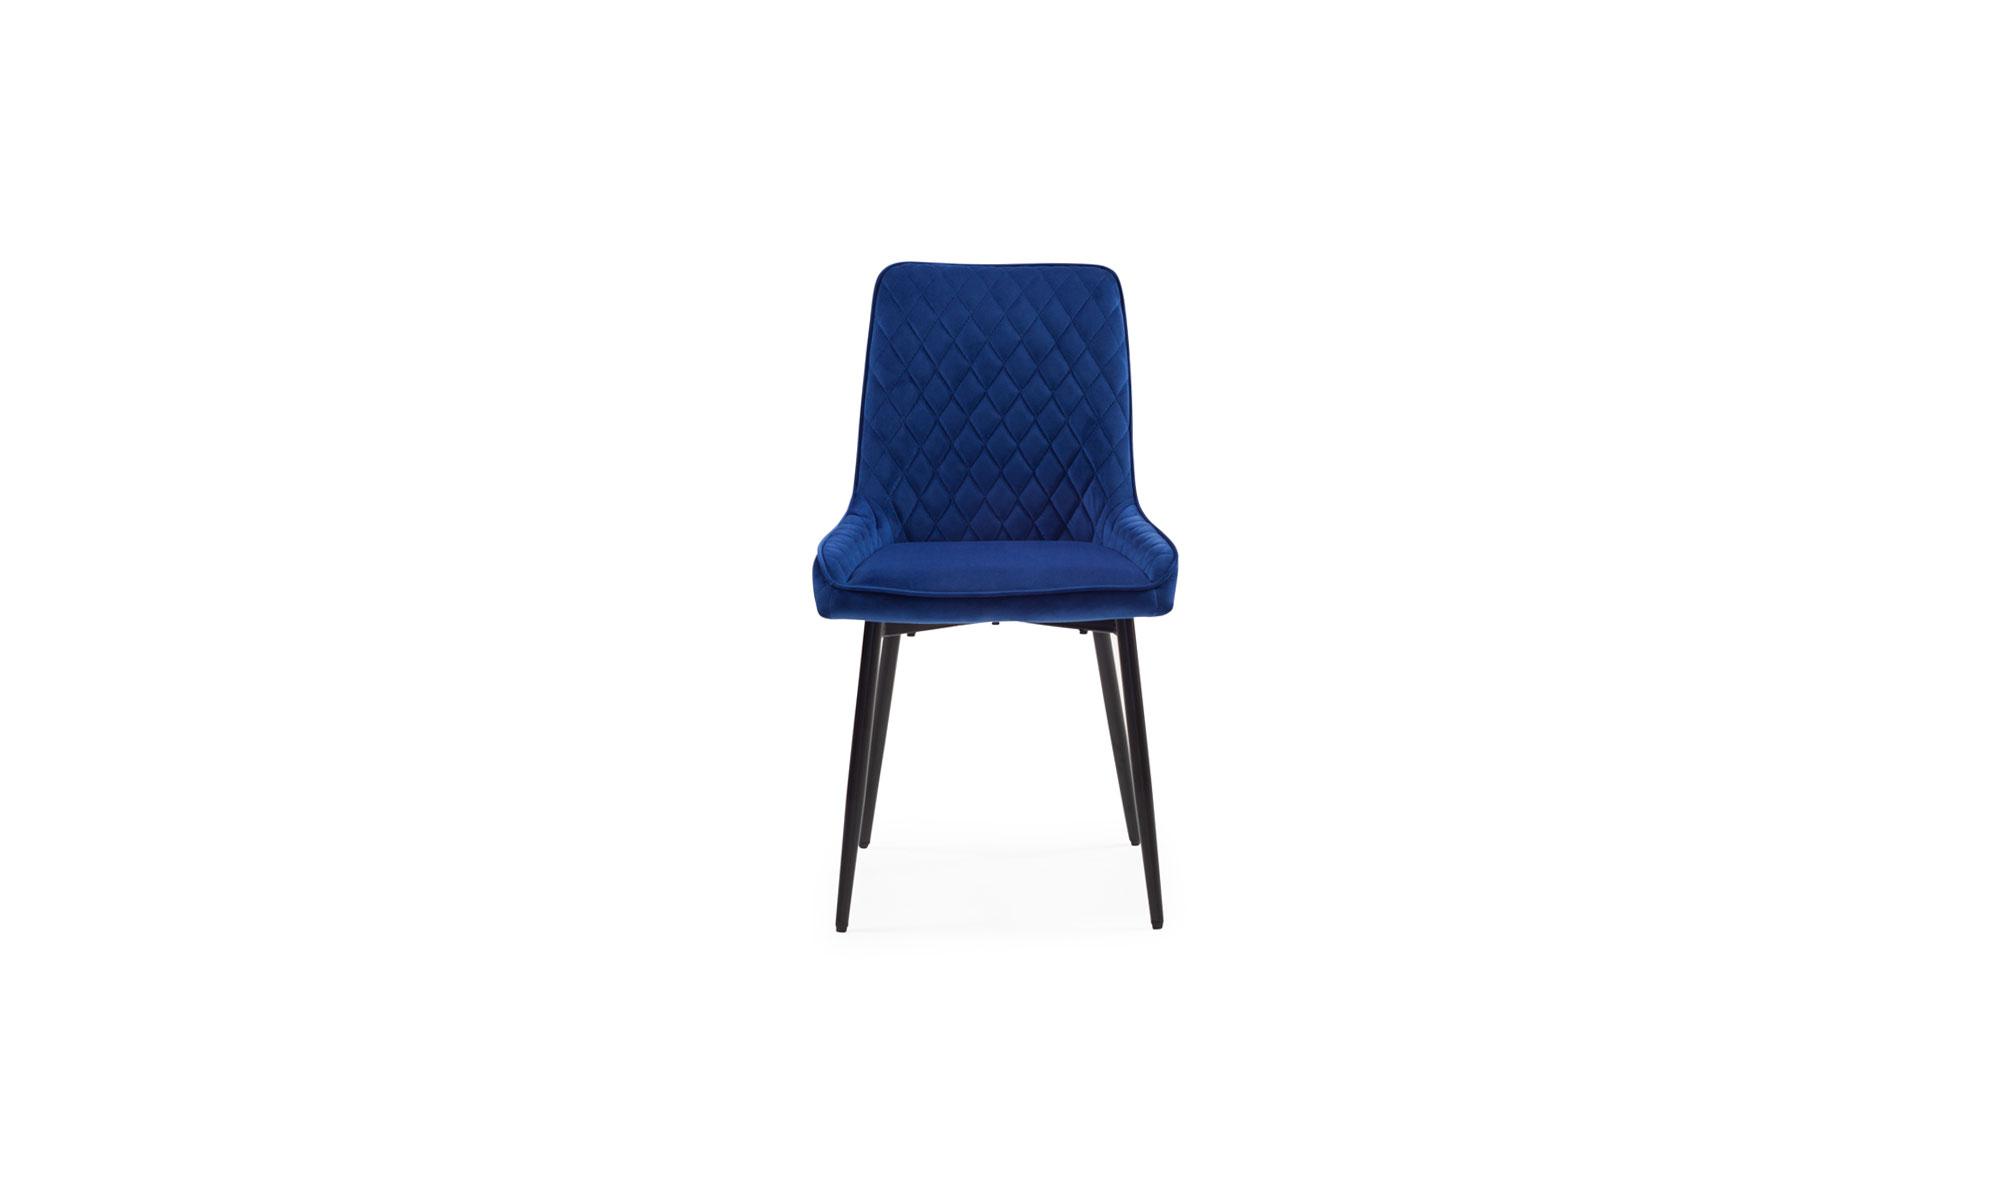 1 Silla Comedor Lenox 80256 Azul Medio